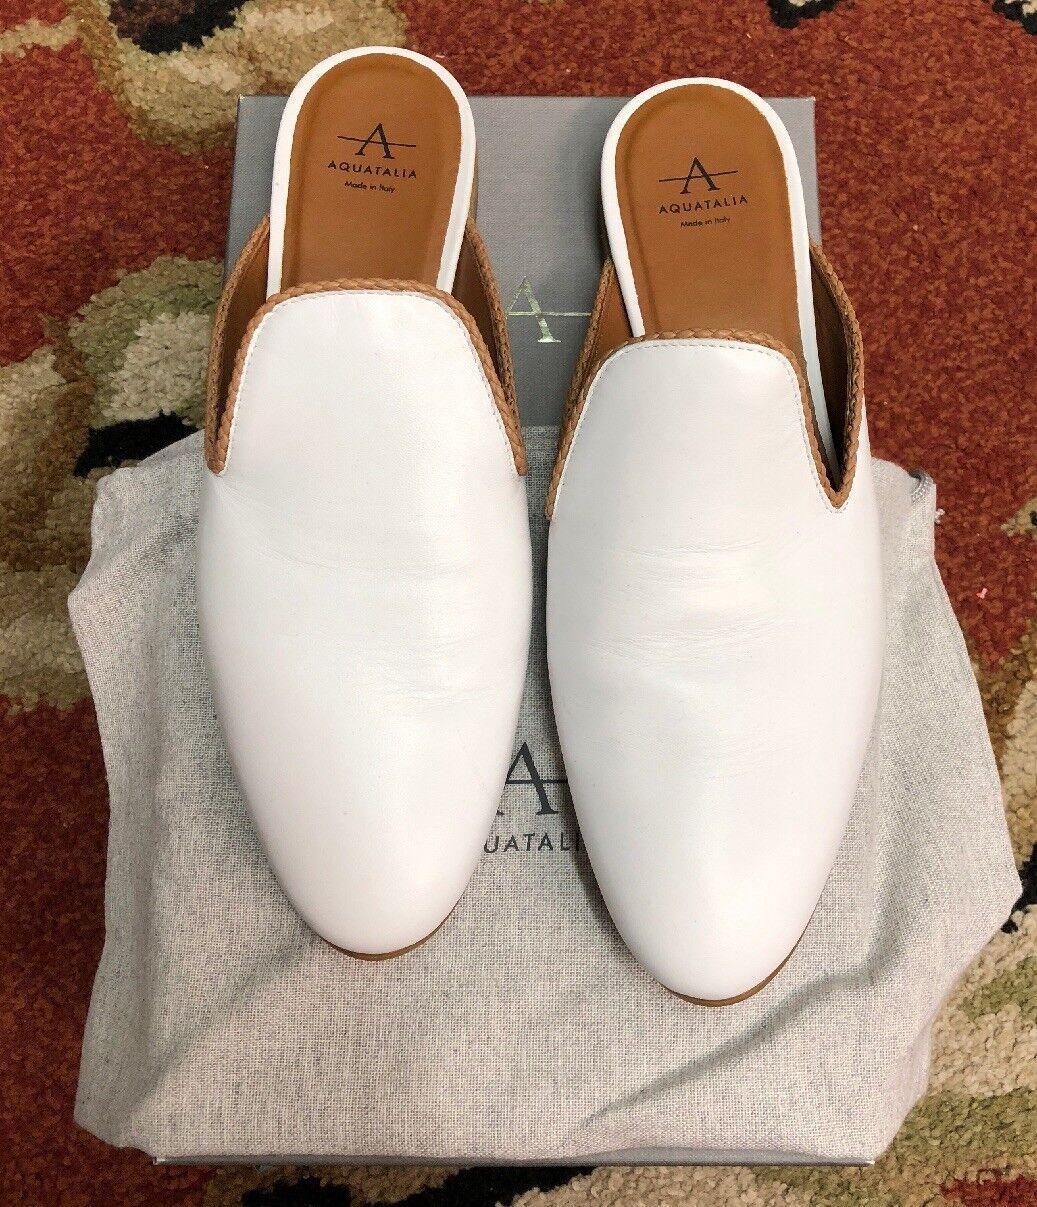 Aquatalia Emerson Nappa kvinnor Slidges vit läder Weathersafed  sz 9